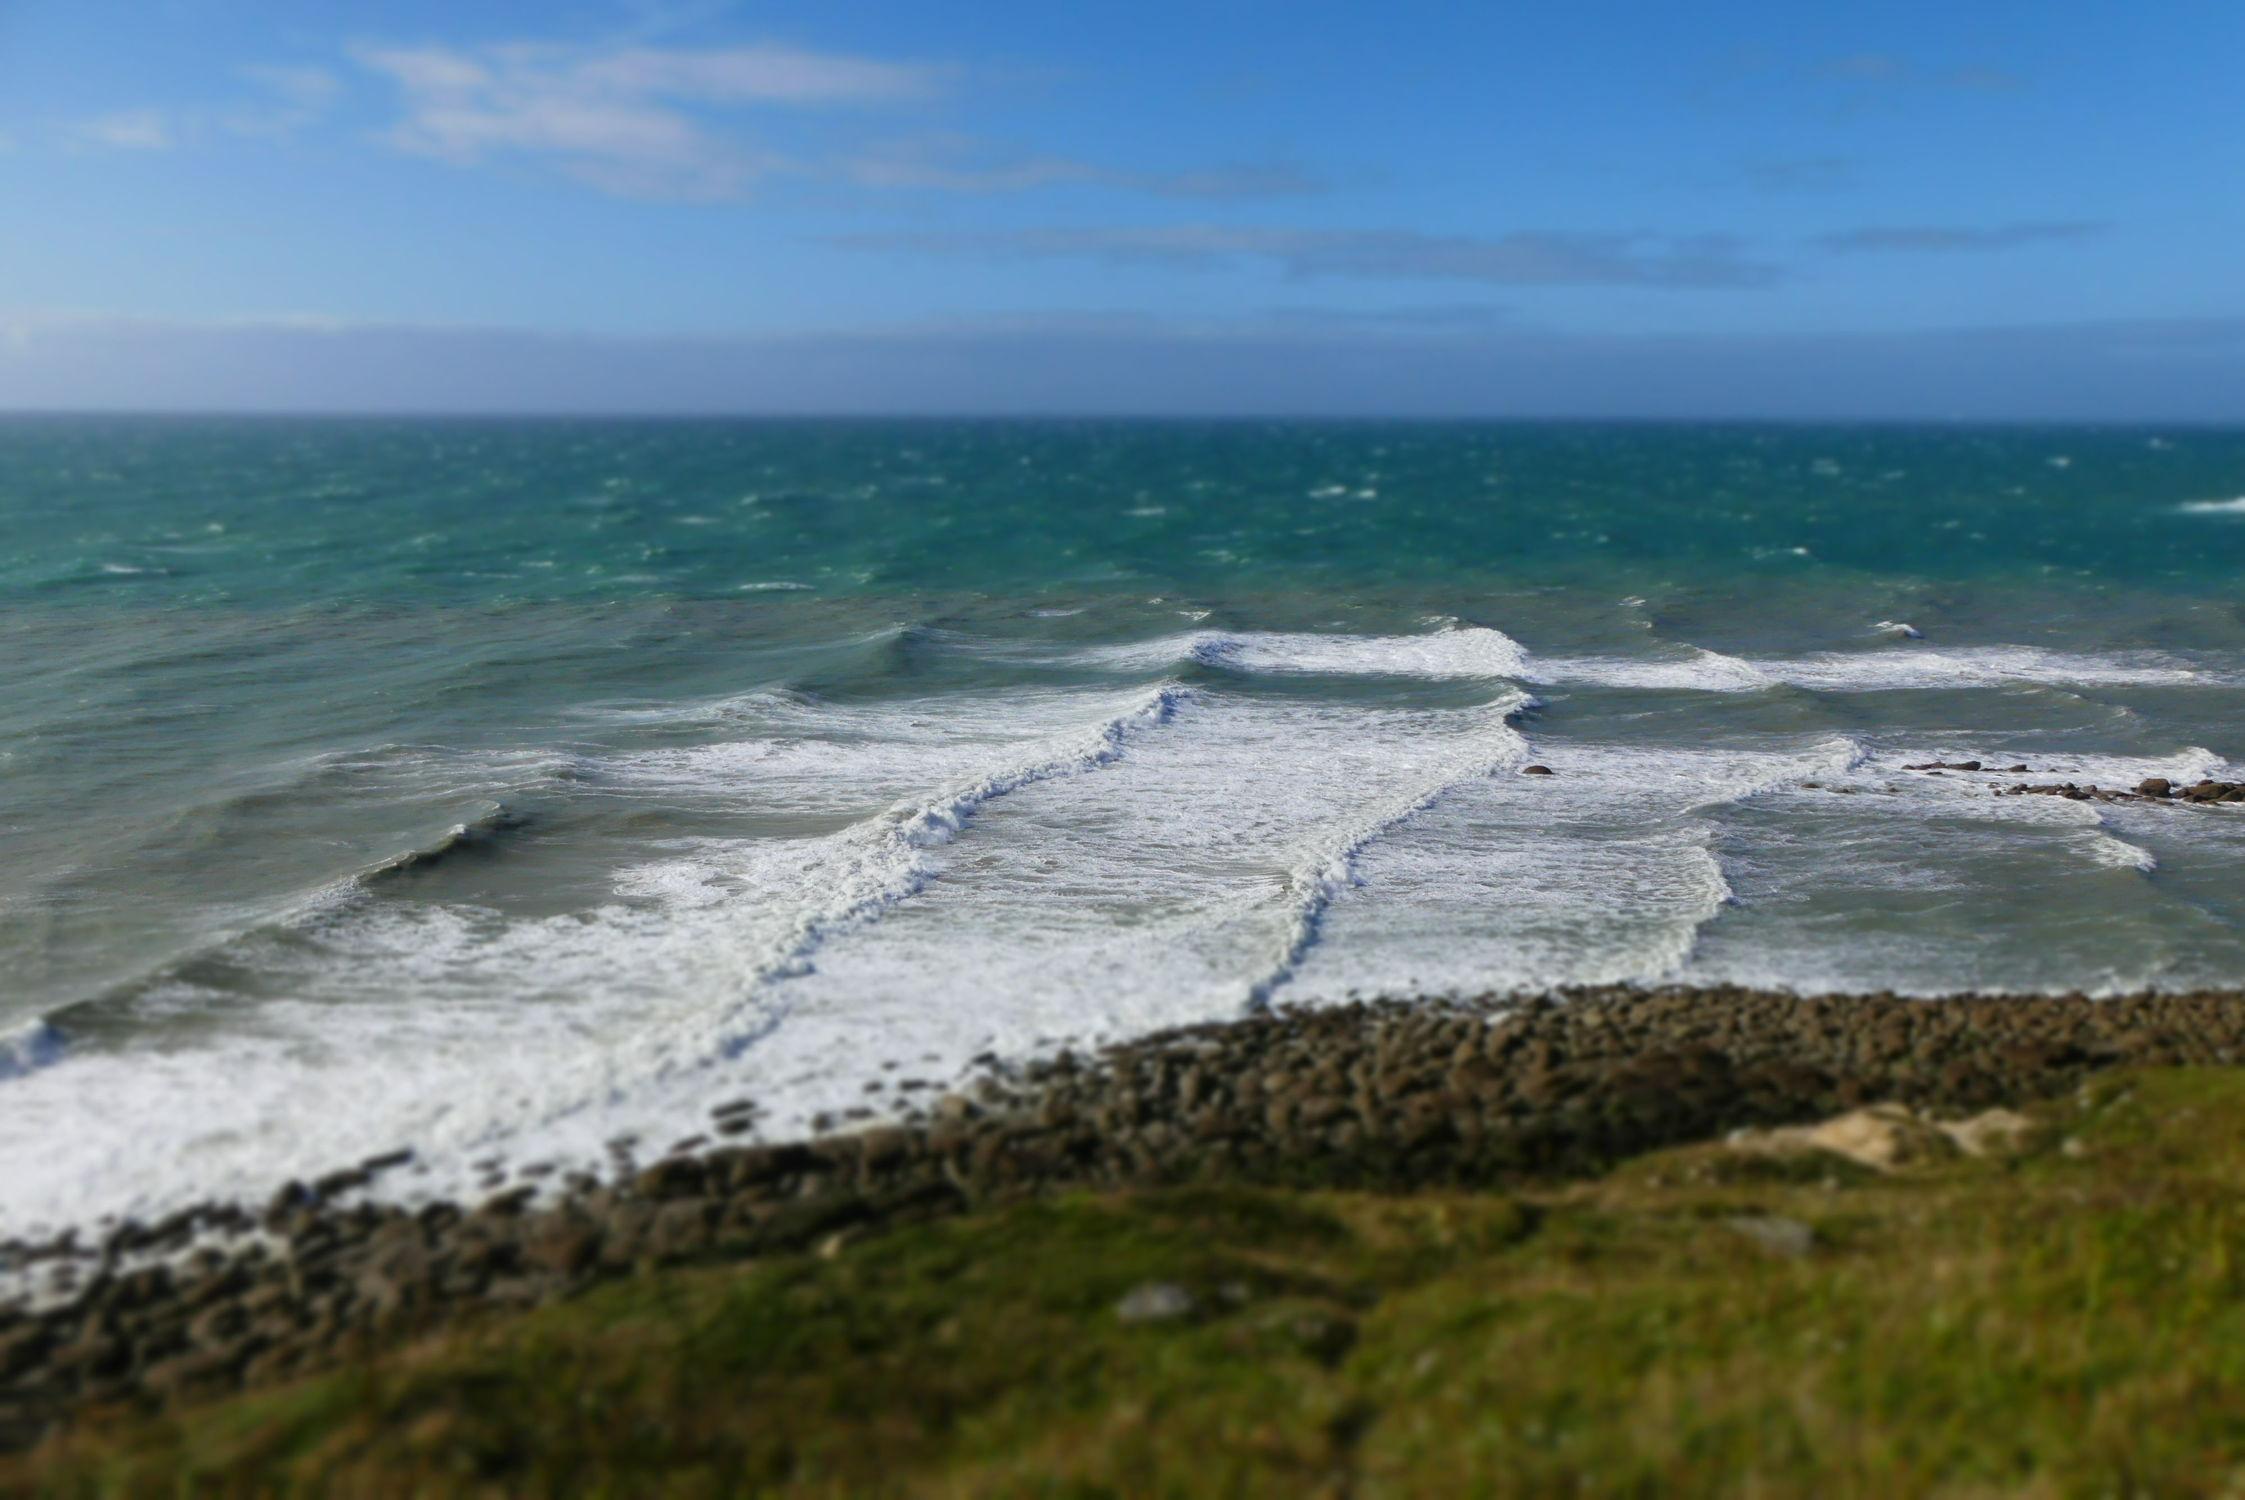 Bild mit Felsen, Wellen, Meer, Steine, Küste, Felsenküste, Unschärfe, Schärfe